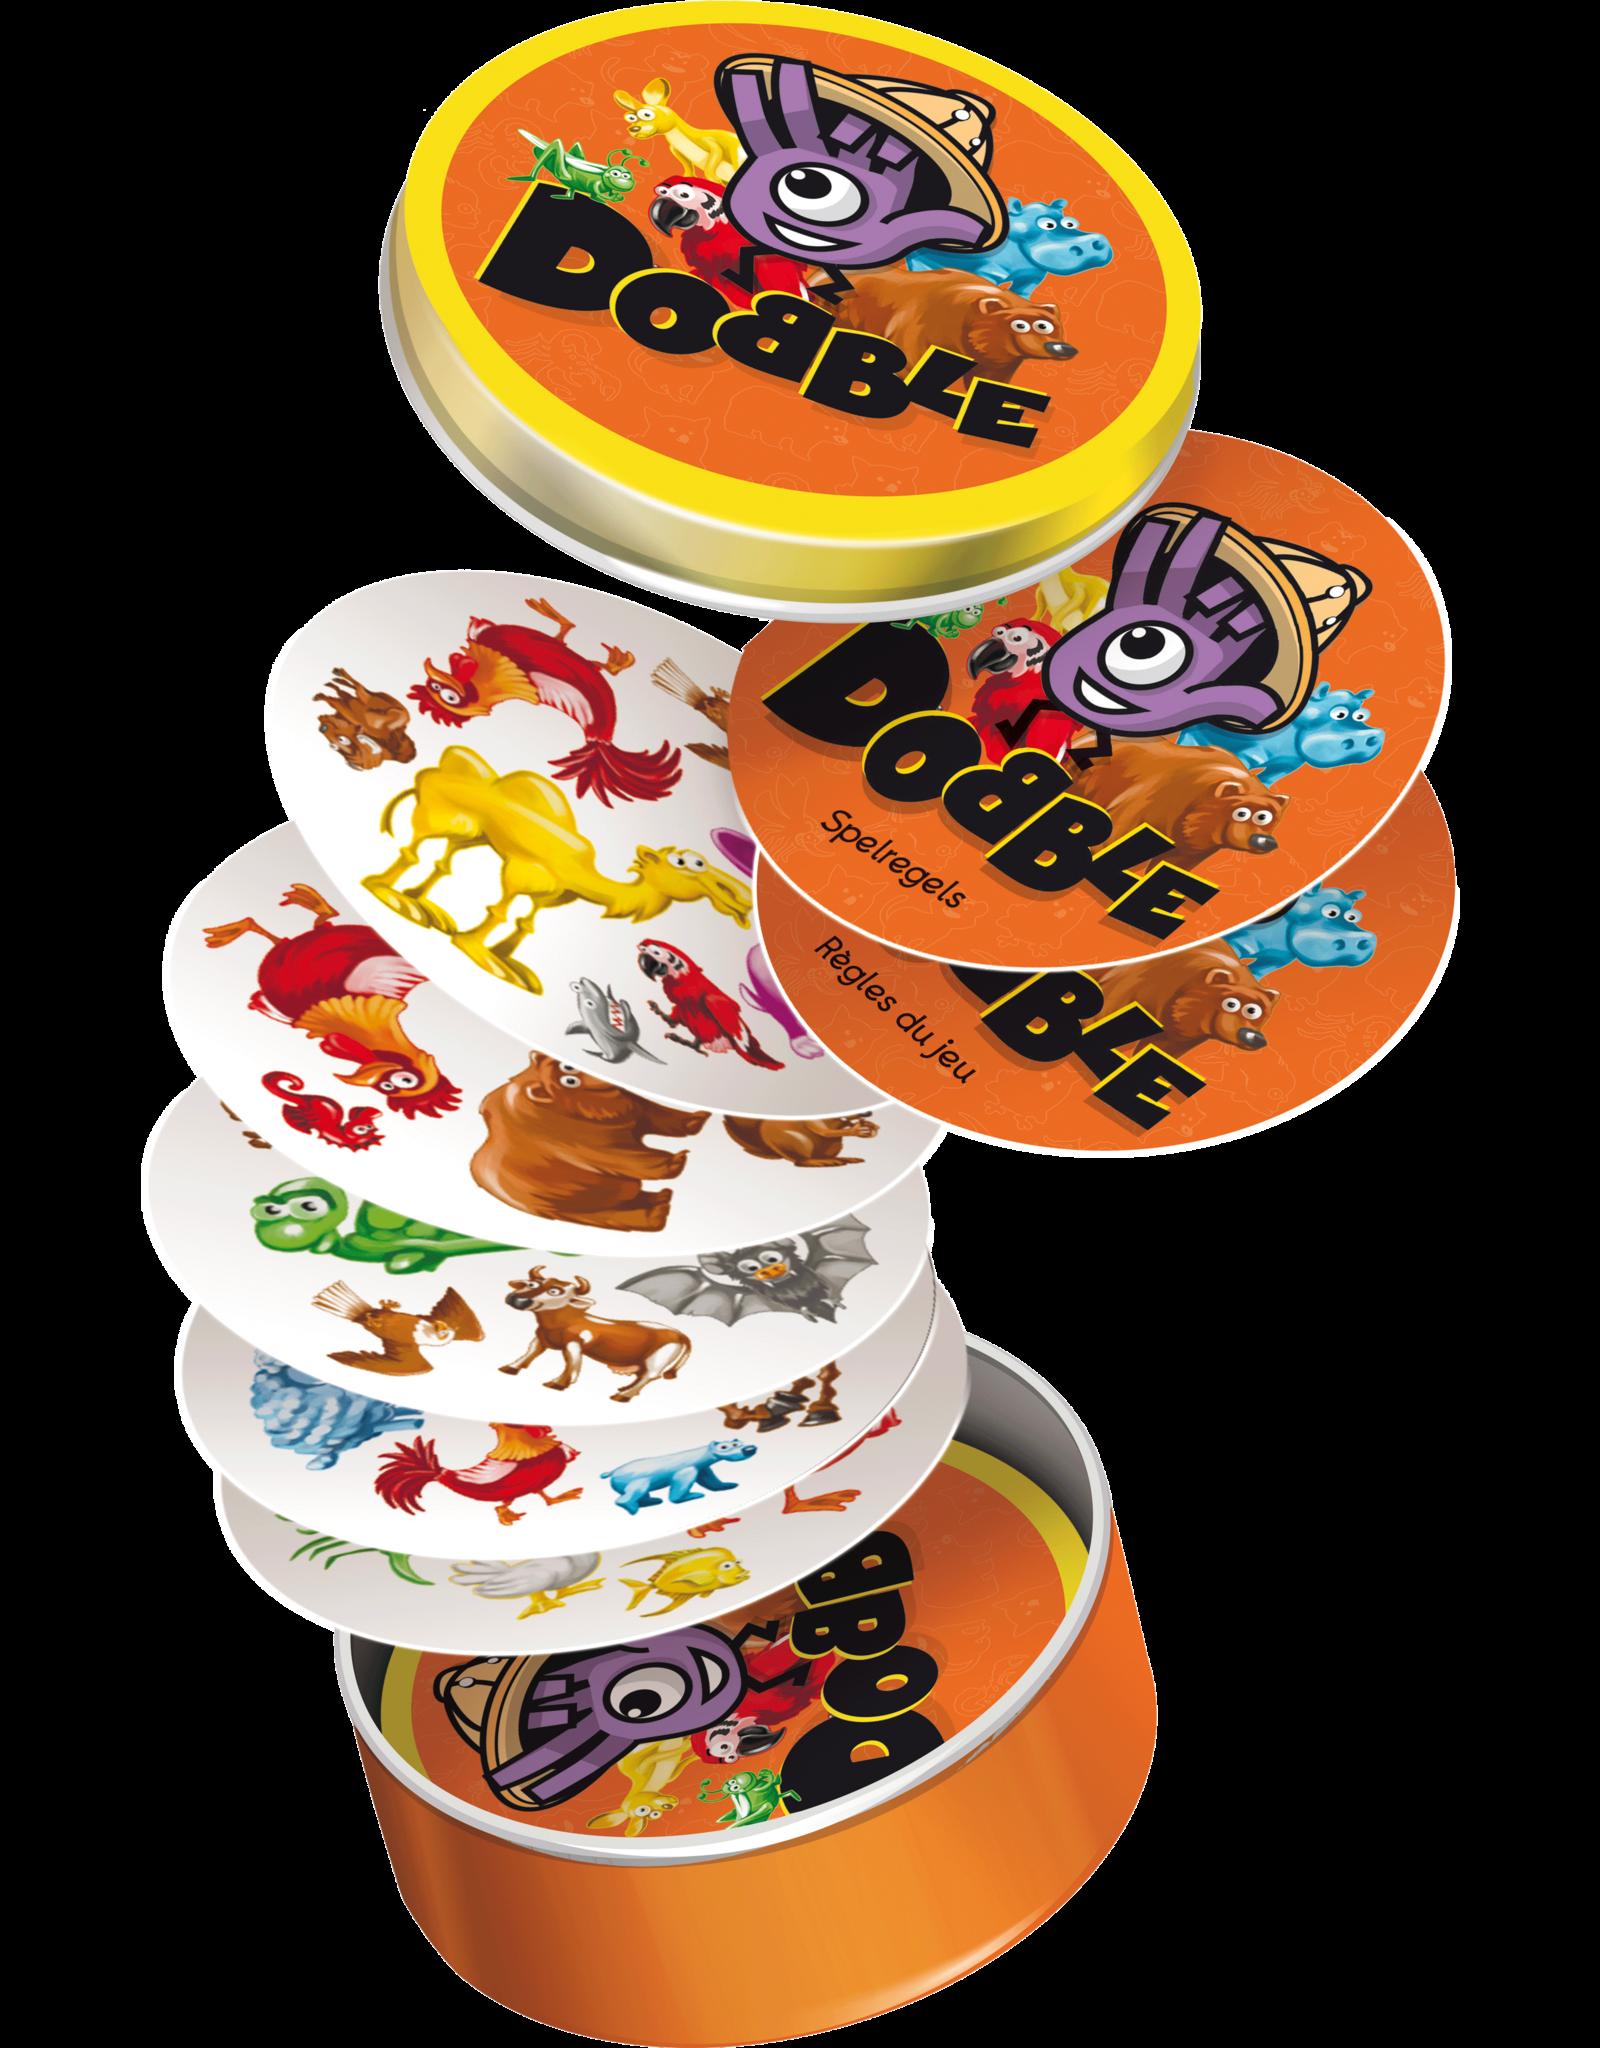 ZYGOMATIC DOBBLE - ANIMALS (BLISTER) (FRANSE-NEDERLANDS)